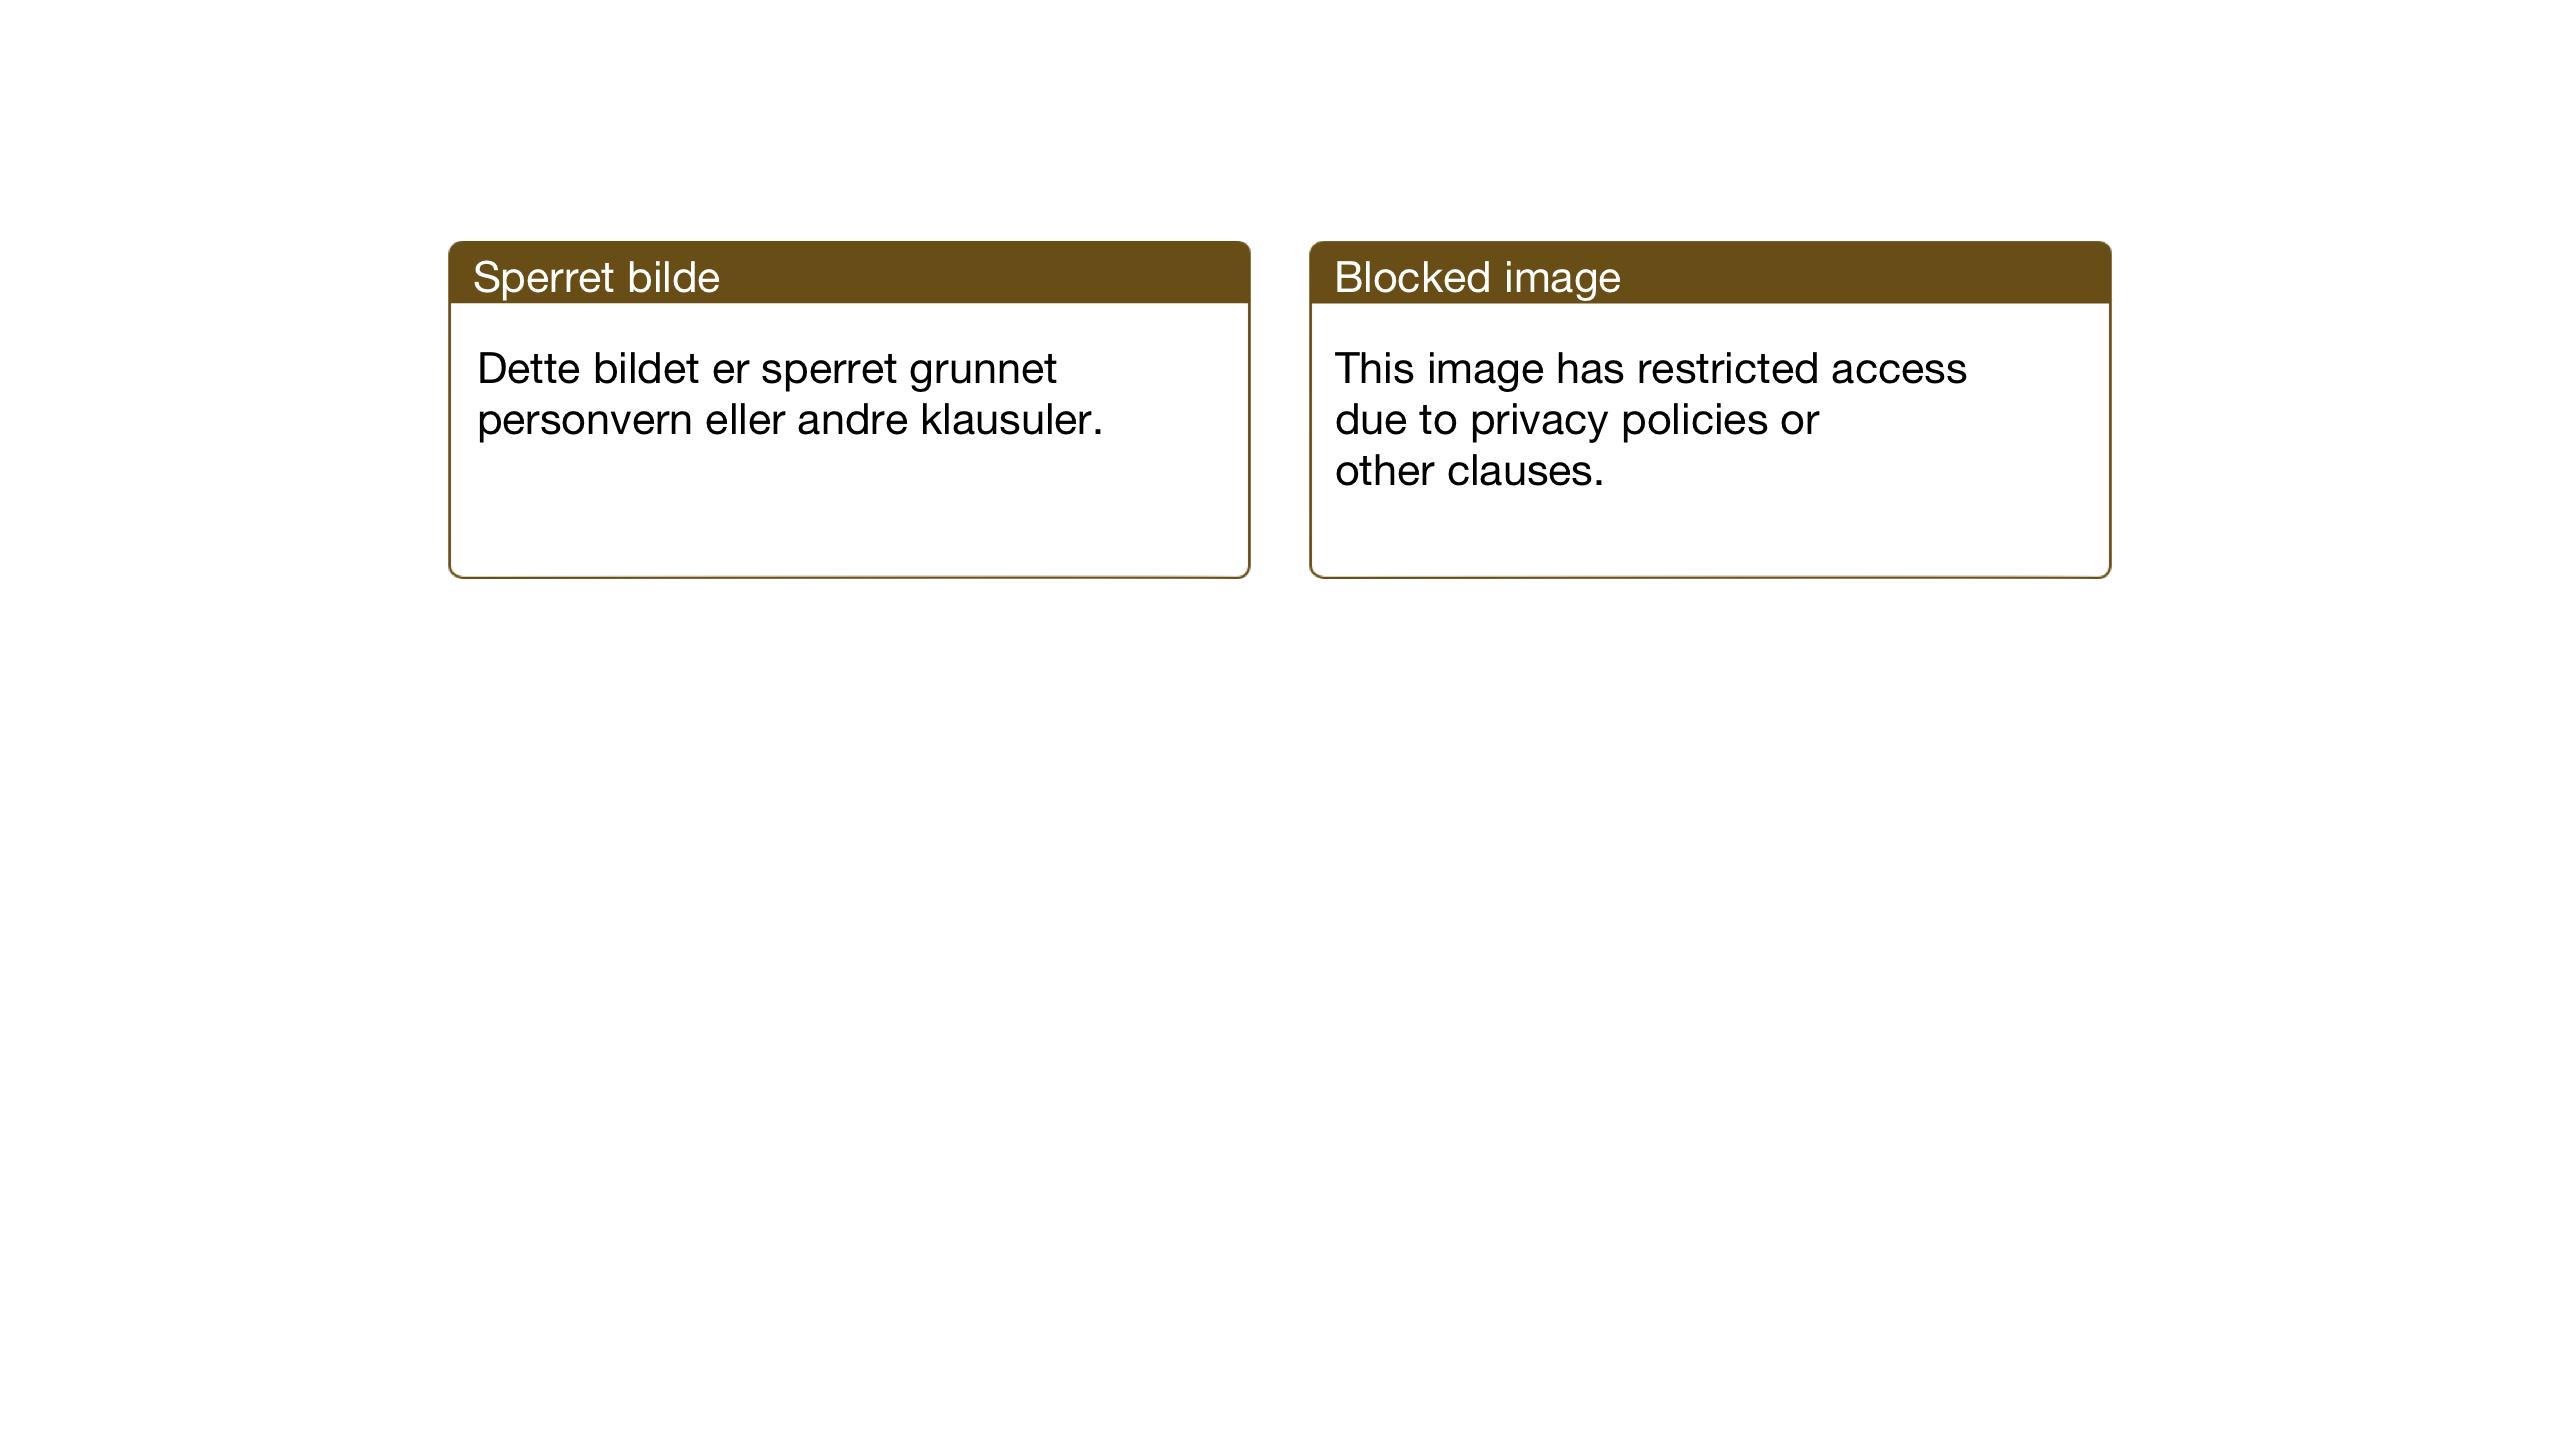 SAT, Ministerialprotokoller, klokkerbøker og fødselsregistre - Sør-Trøndelag, 638/L0569: Klokkerbok nr. 638C01, 1923-1961, s. 127